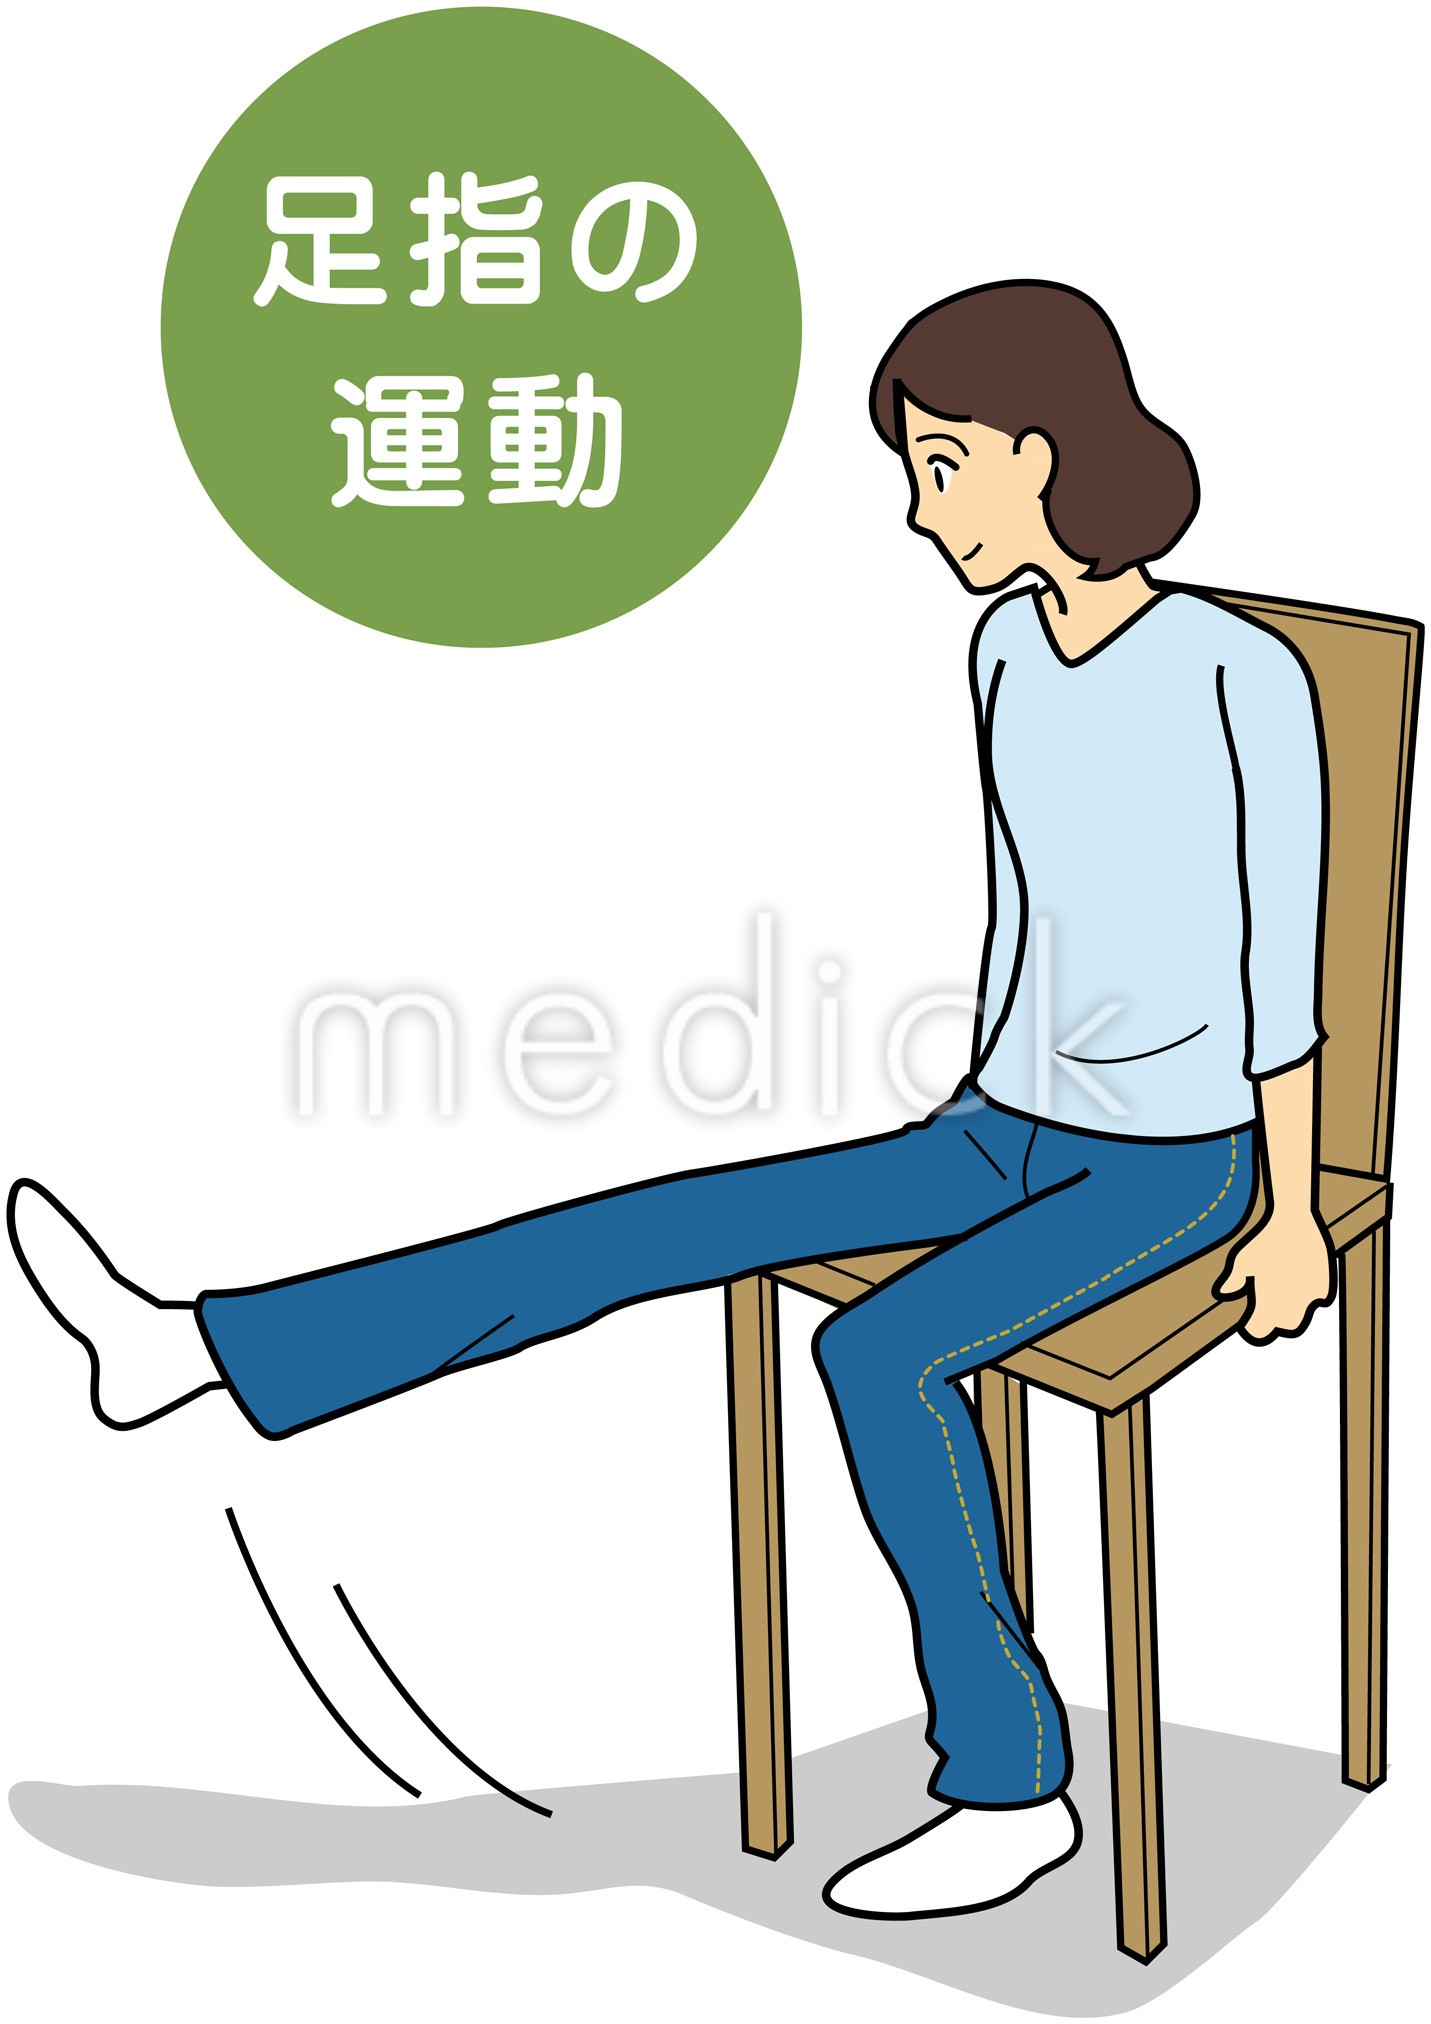 リウマチ体操膝の運動のイラスト 医療のイラスト写真動画